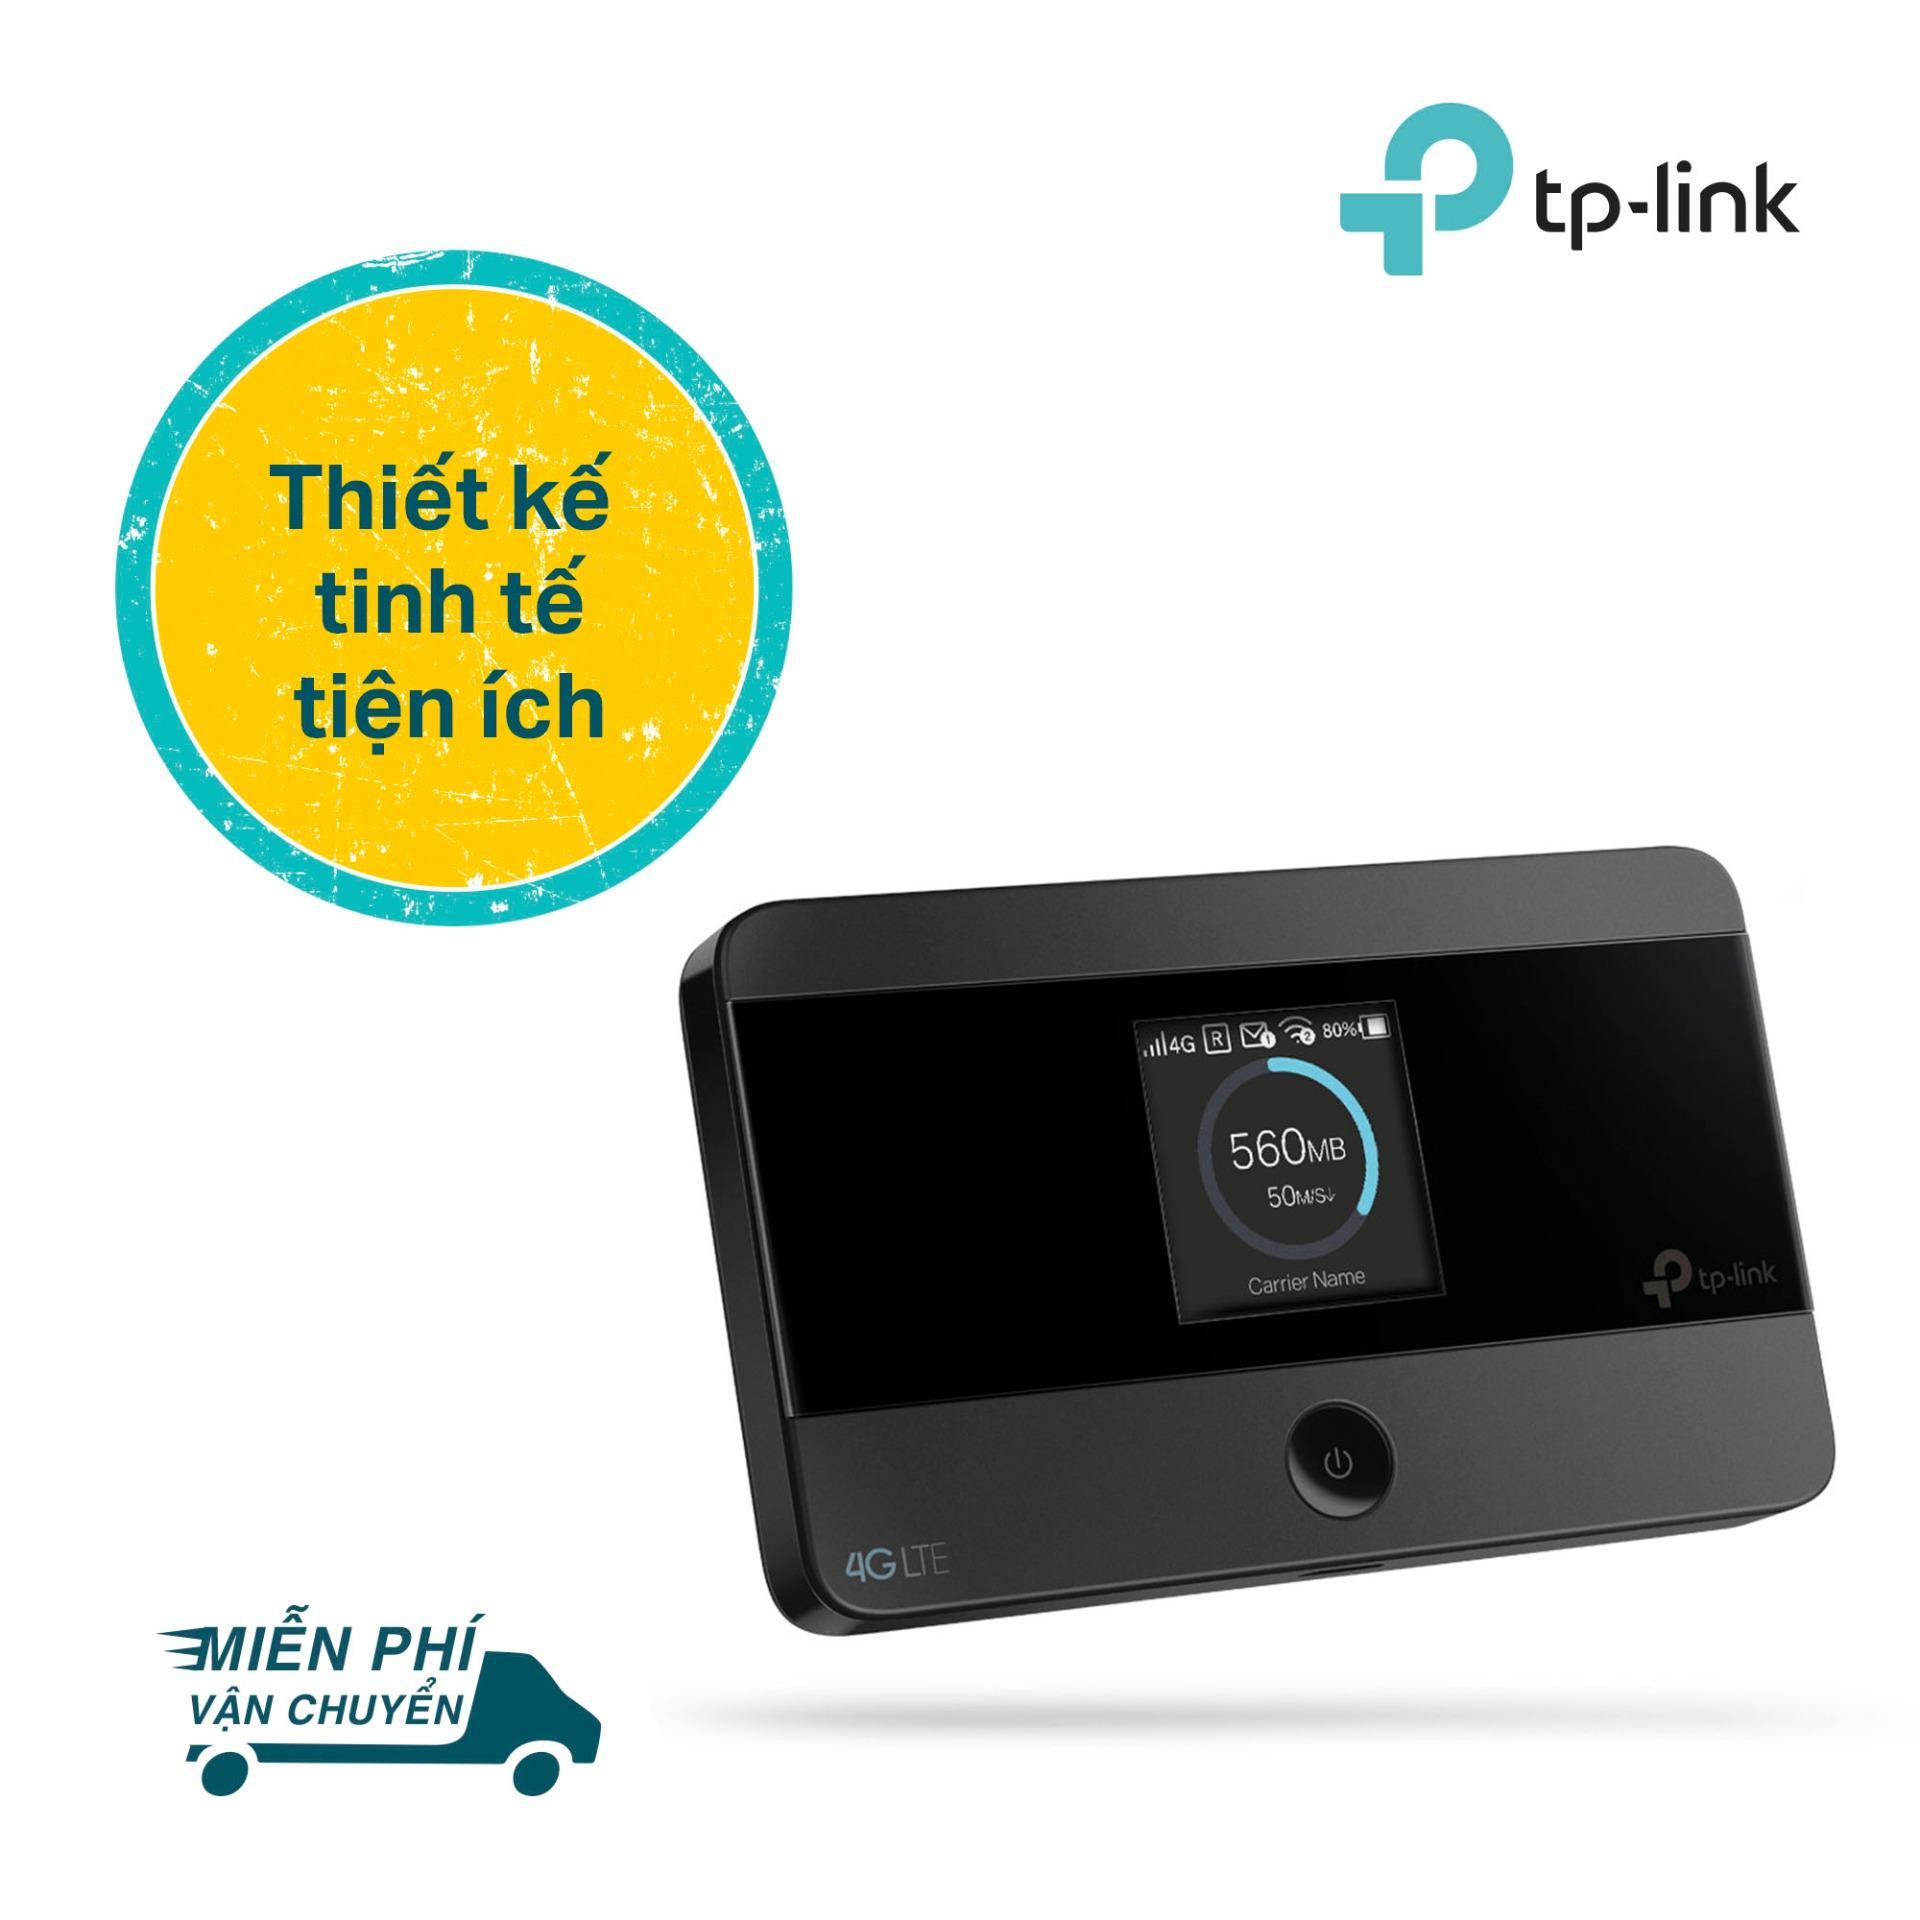 TP-Link bộ phát Wi-Fi di động 4G LTE cho kết nối Wifi siêu nhanh - M7350 - Hãng phân phối chính thức